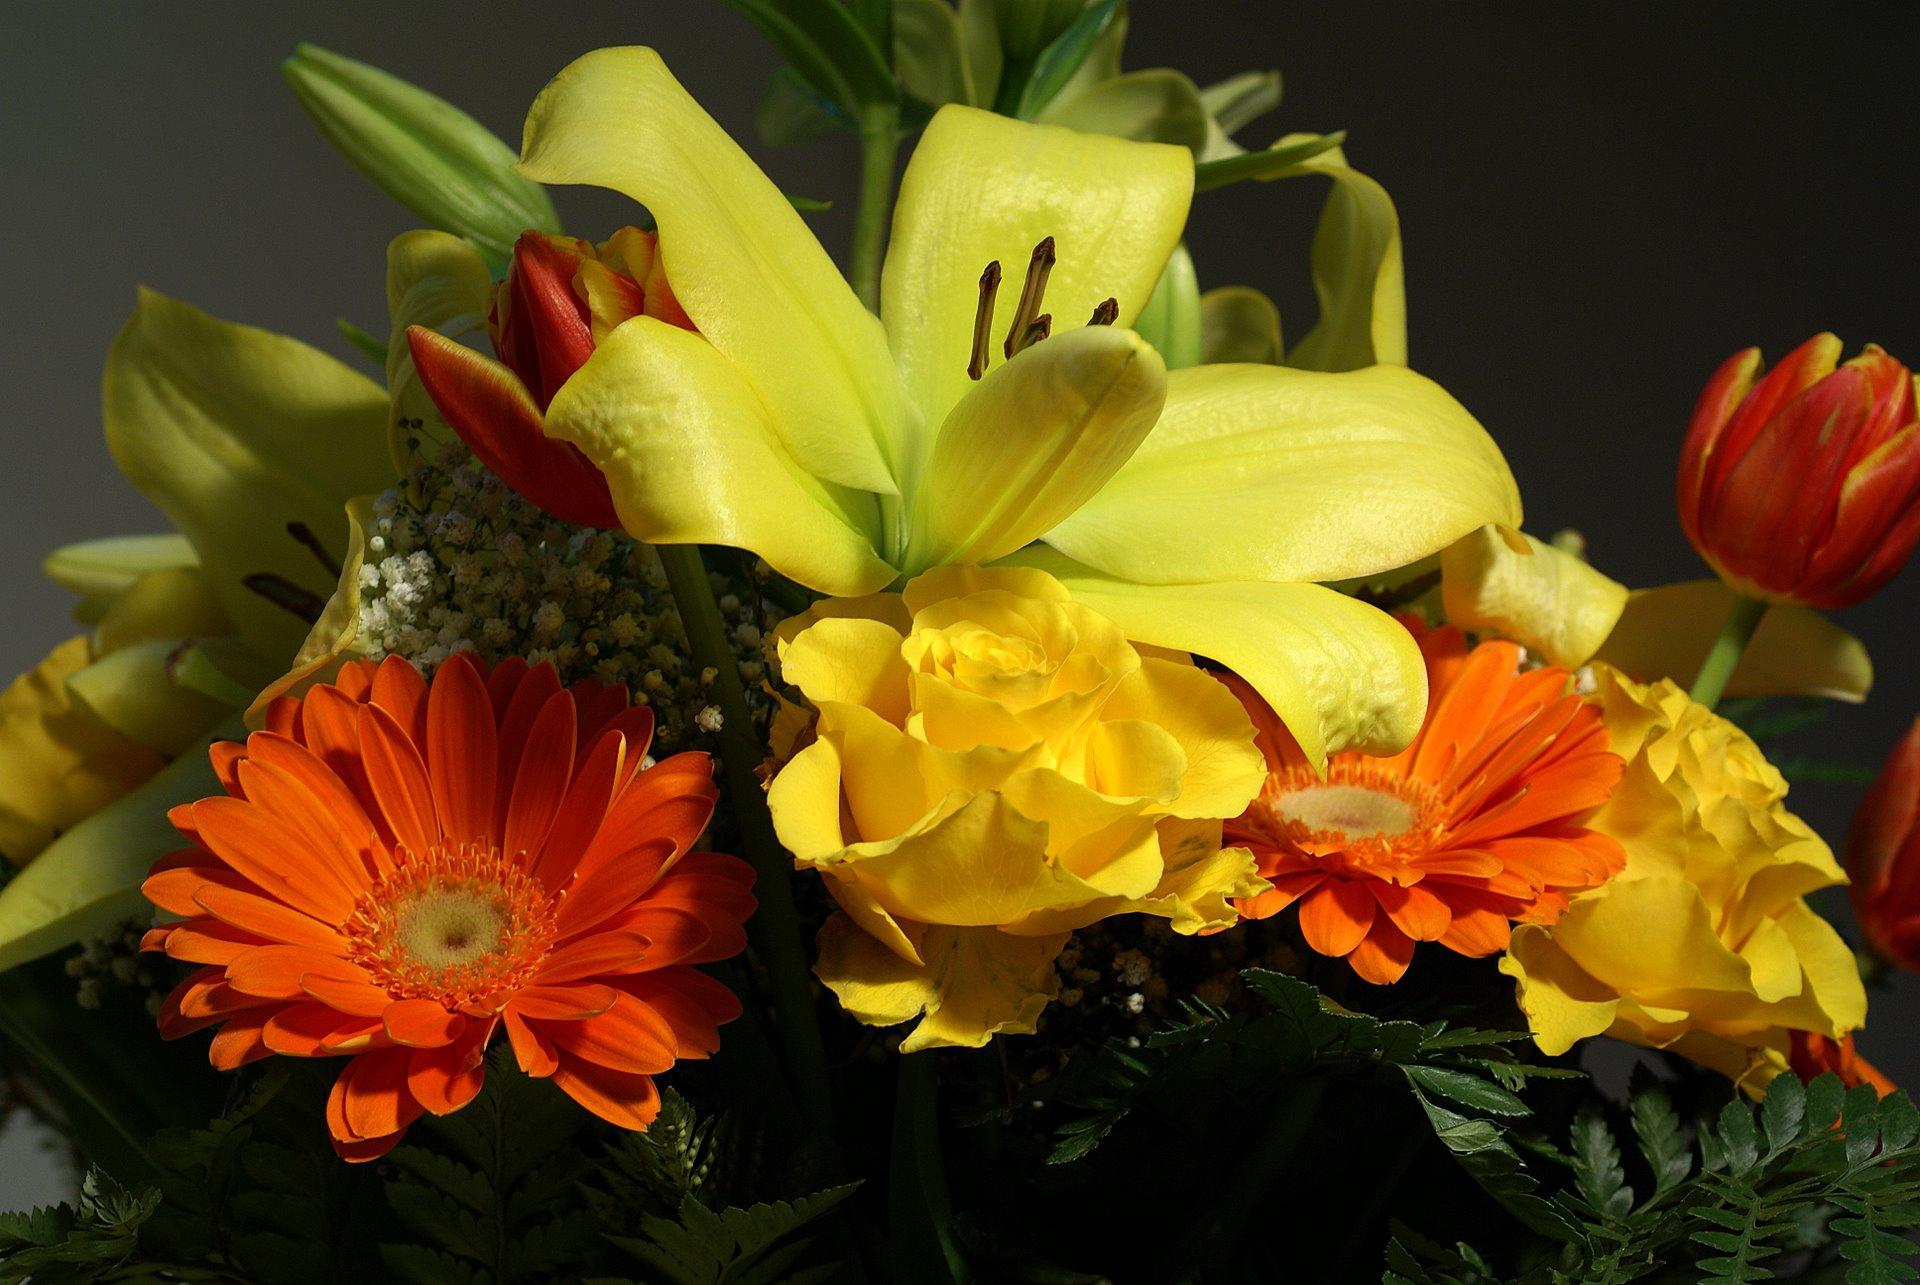 Flower Bouquet Hd Desktop